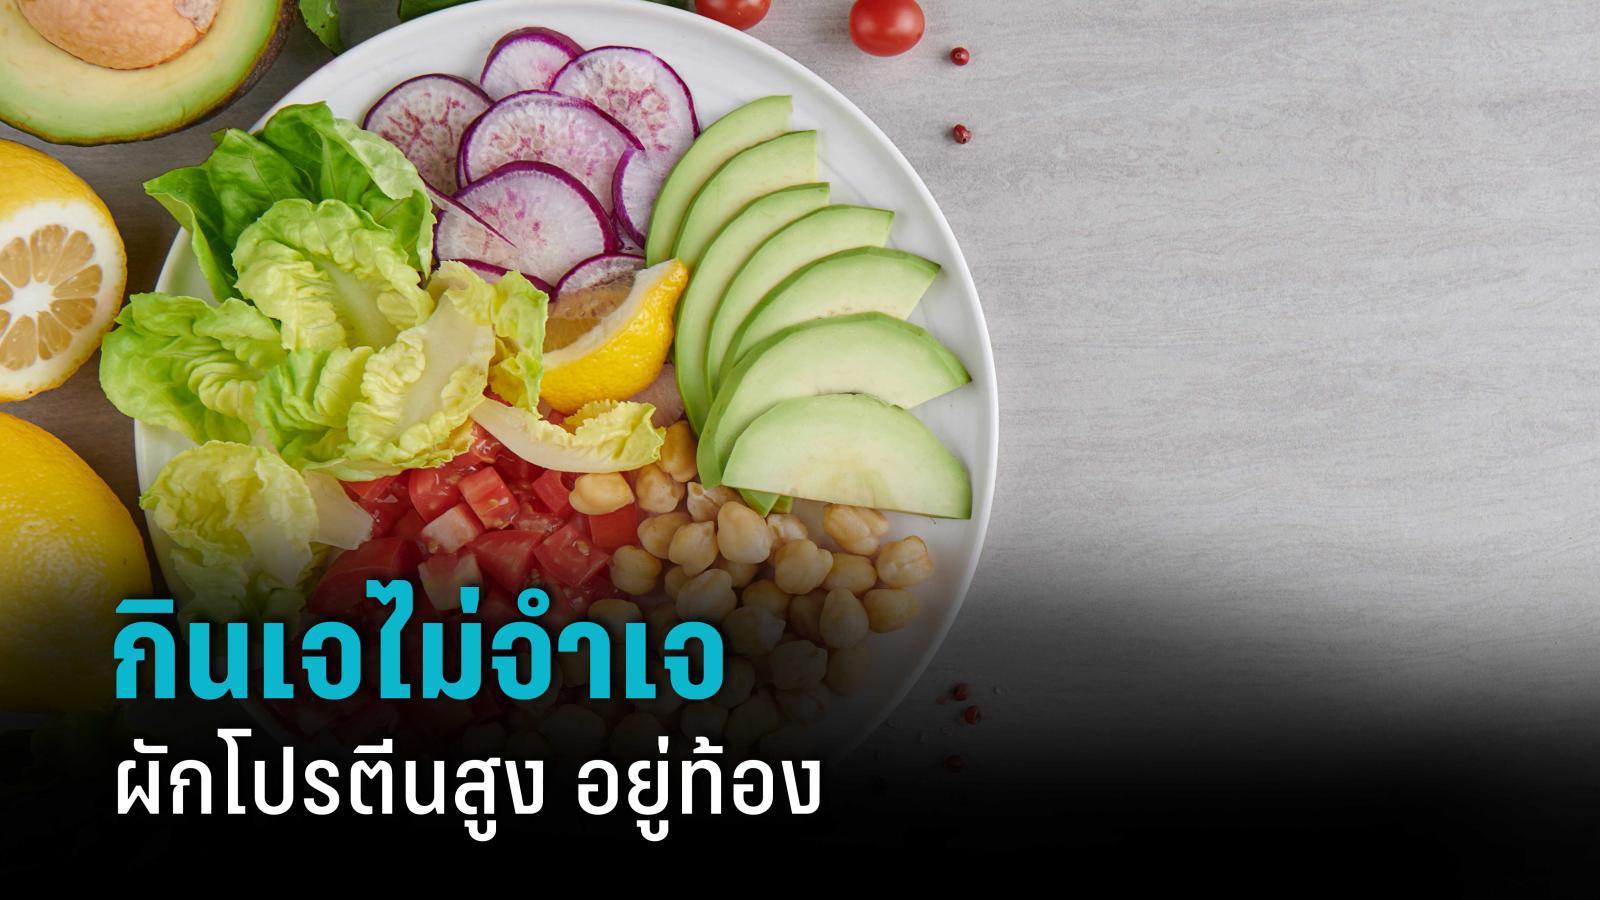 กินเจให้อยู่ท้อง!!! ด้วยผักโปรตีนสูง